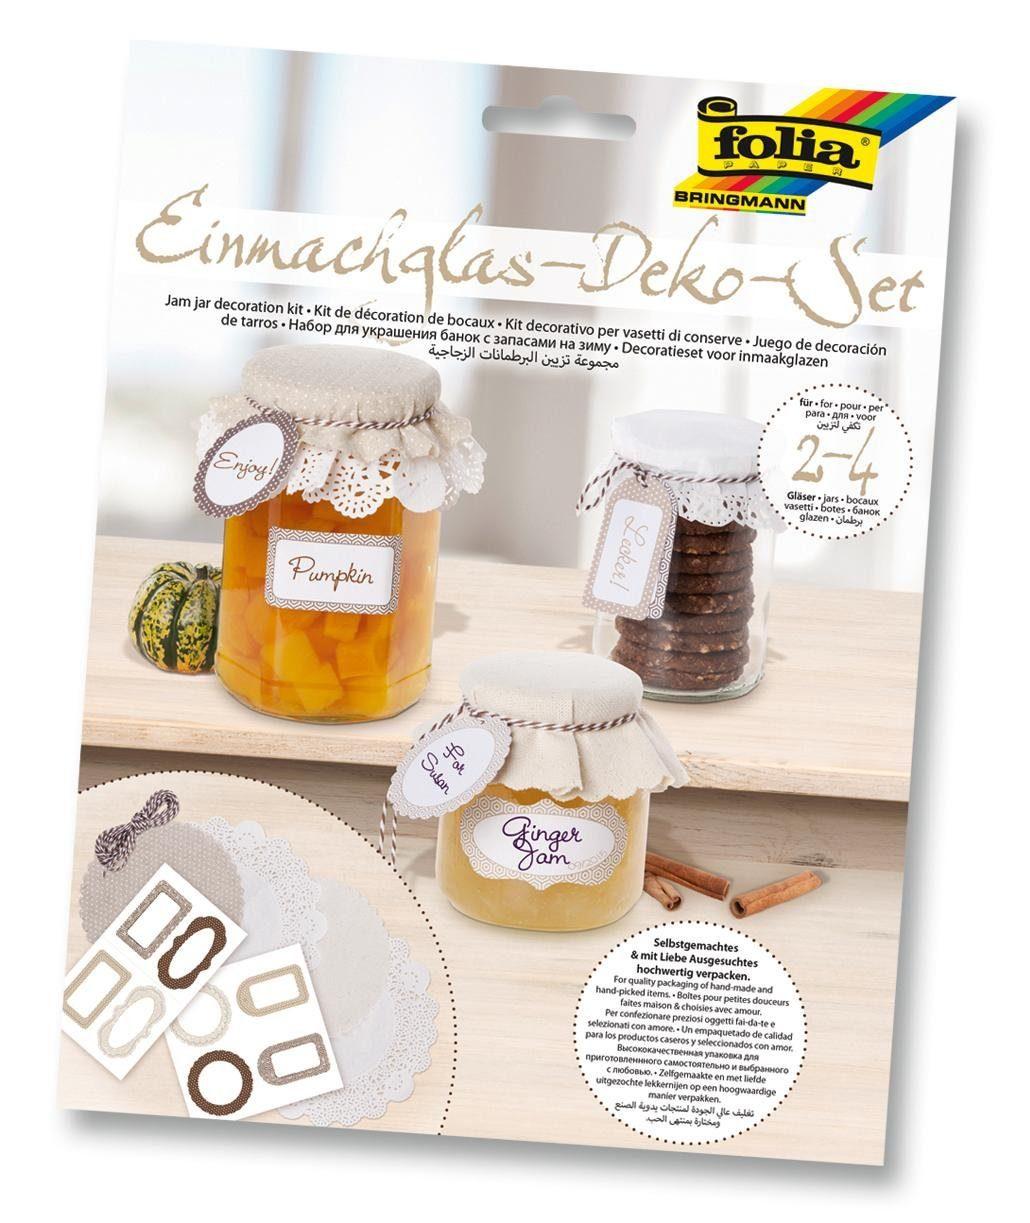 Folia Einmachglas-Deko-Set, beige/natur